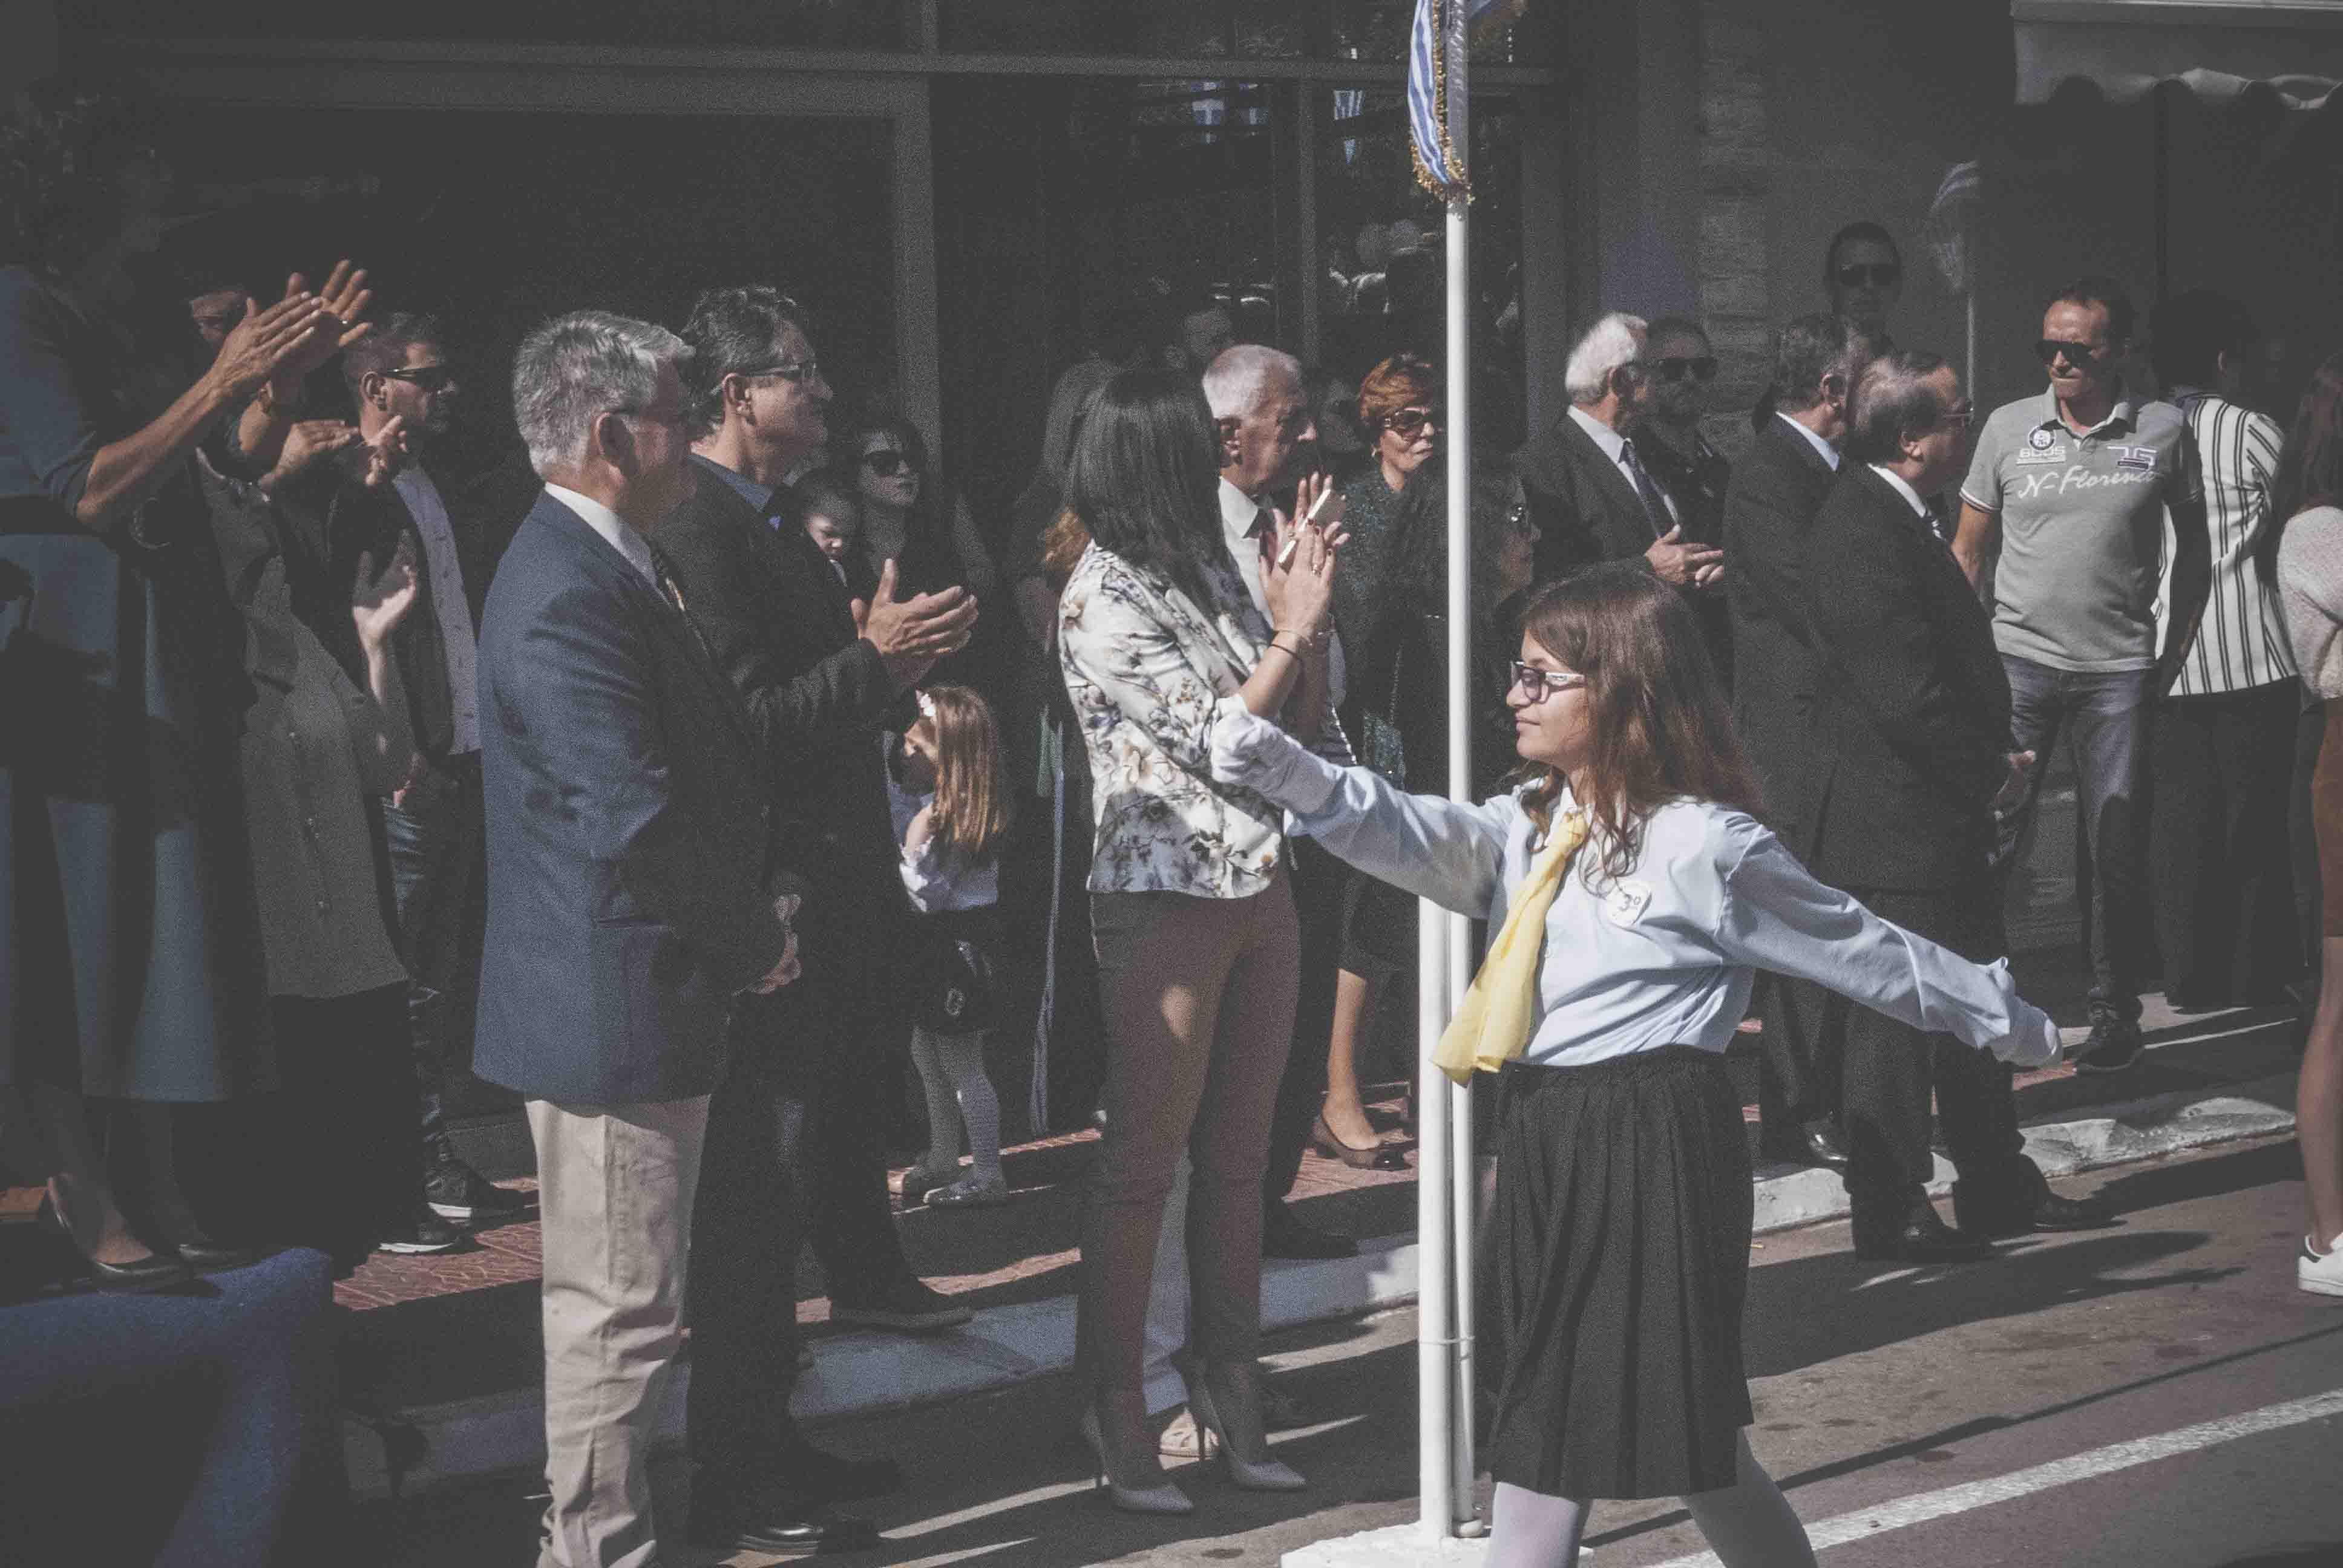 Φωτογραφικό υλικό από την παρέλαση στα Ψαχνά DSC 0380  Η παρέλαση της 28ης Οκτωβρίου σε Καστέλλα και Ψαχνά (φωτό) DSC 0380